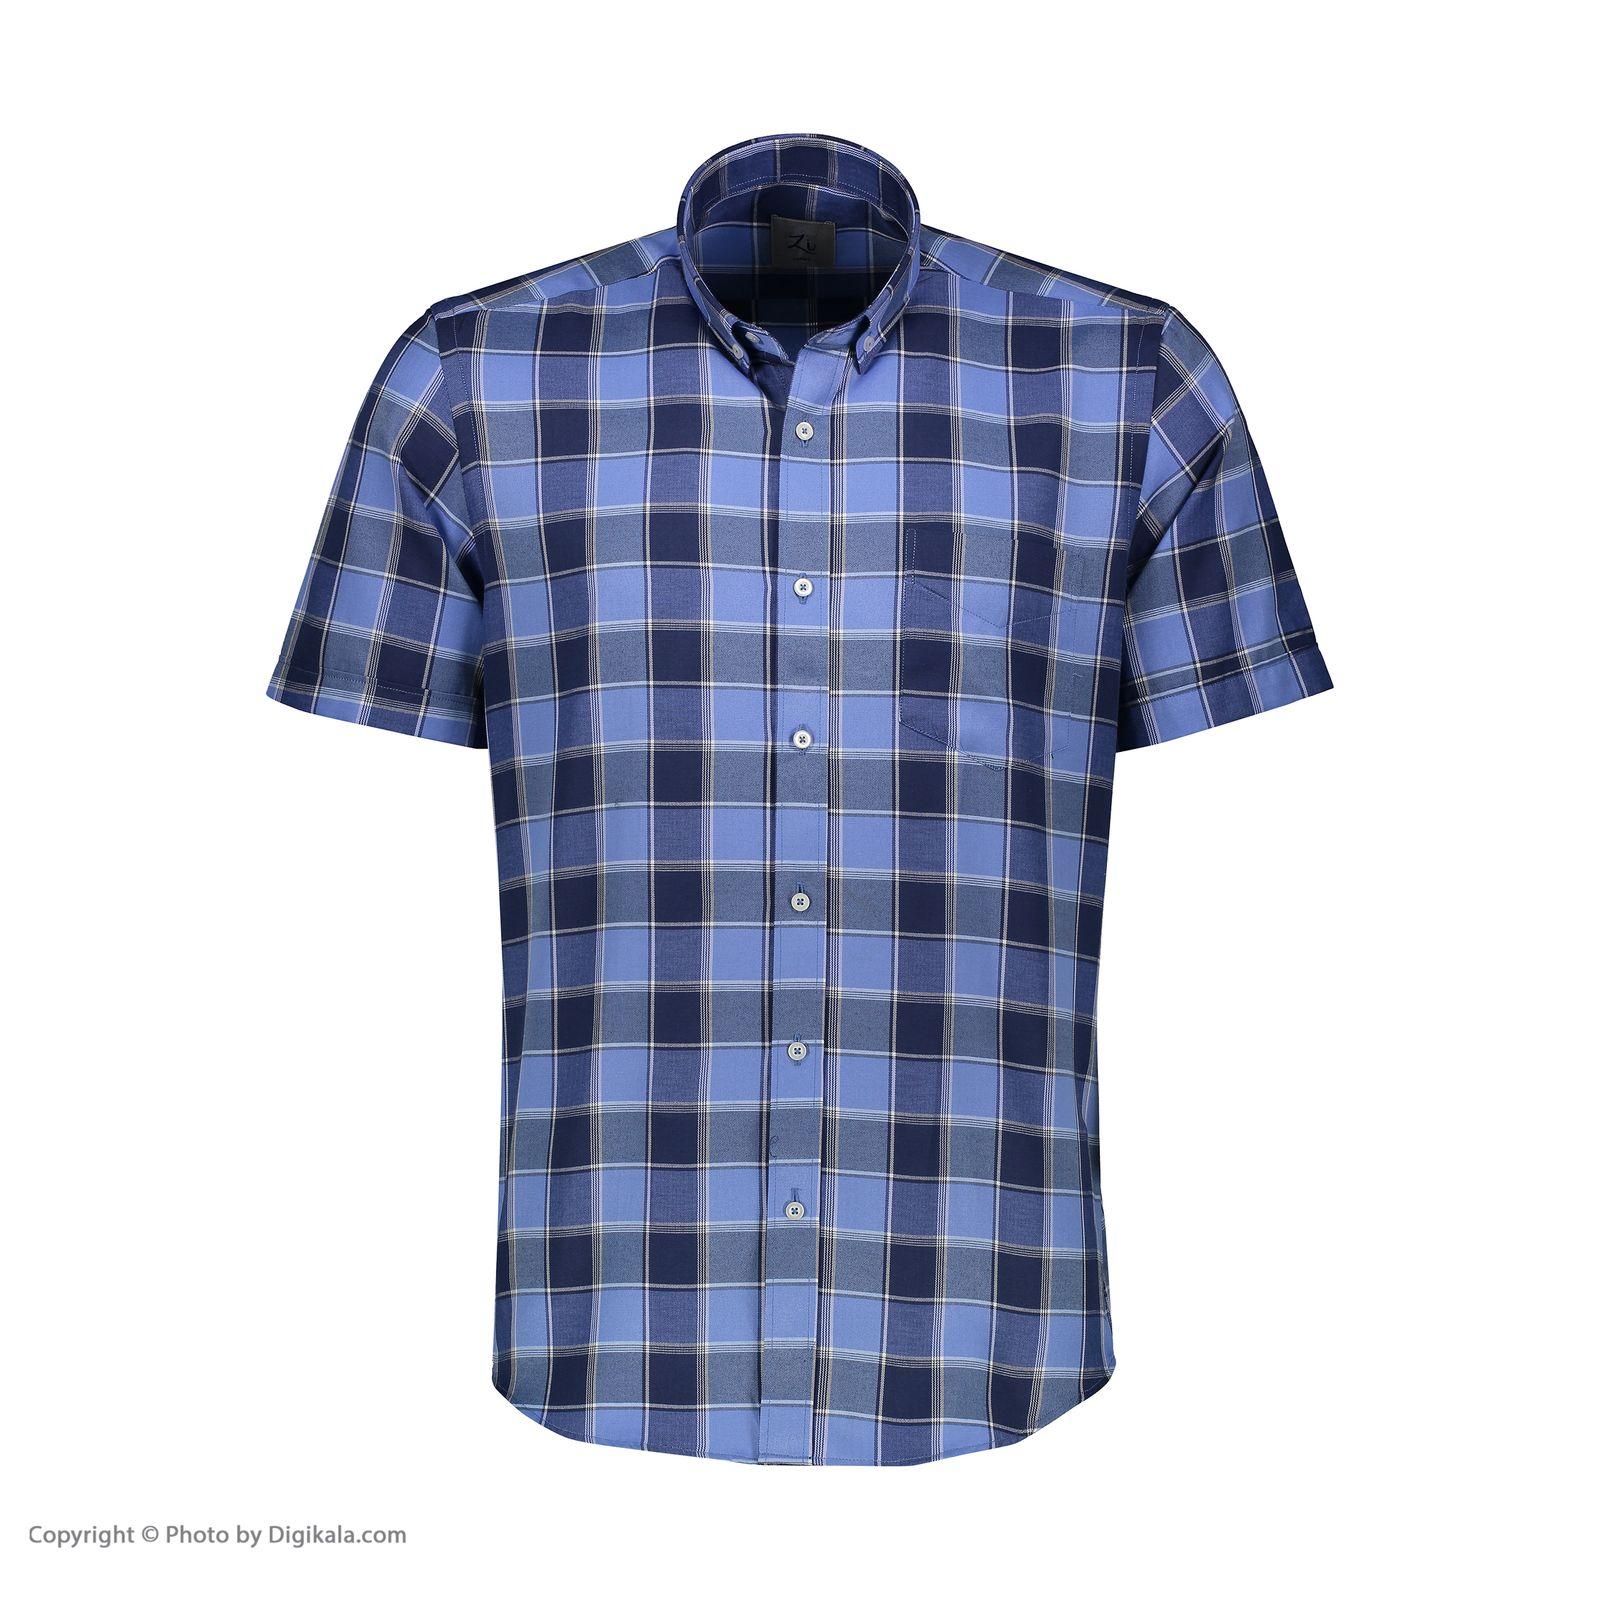 پیراهن مردانه زی مدل 15312305859 -  - 3